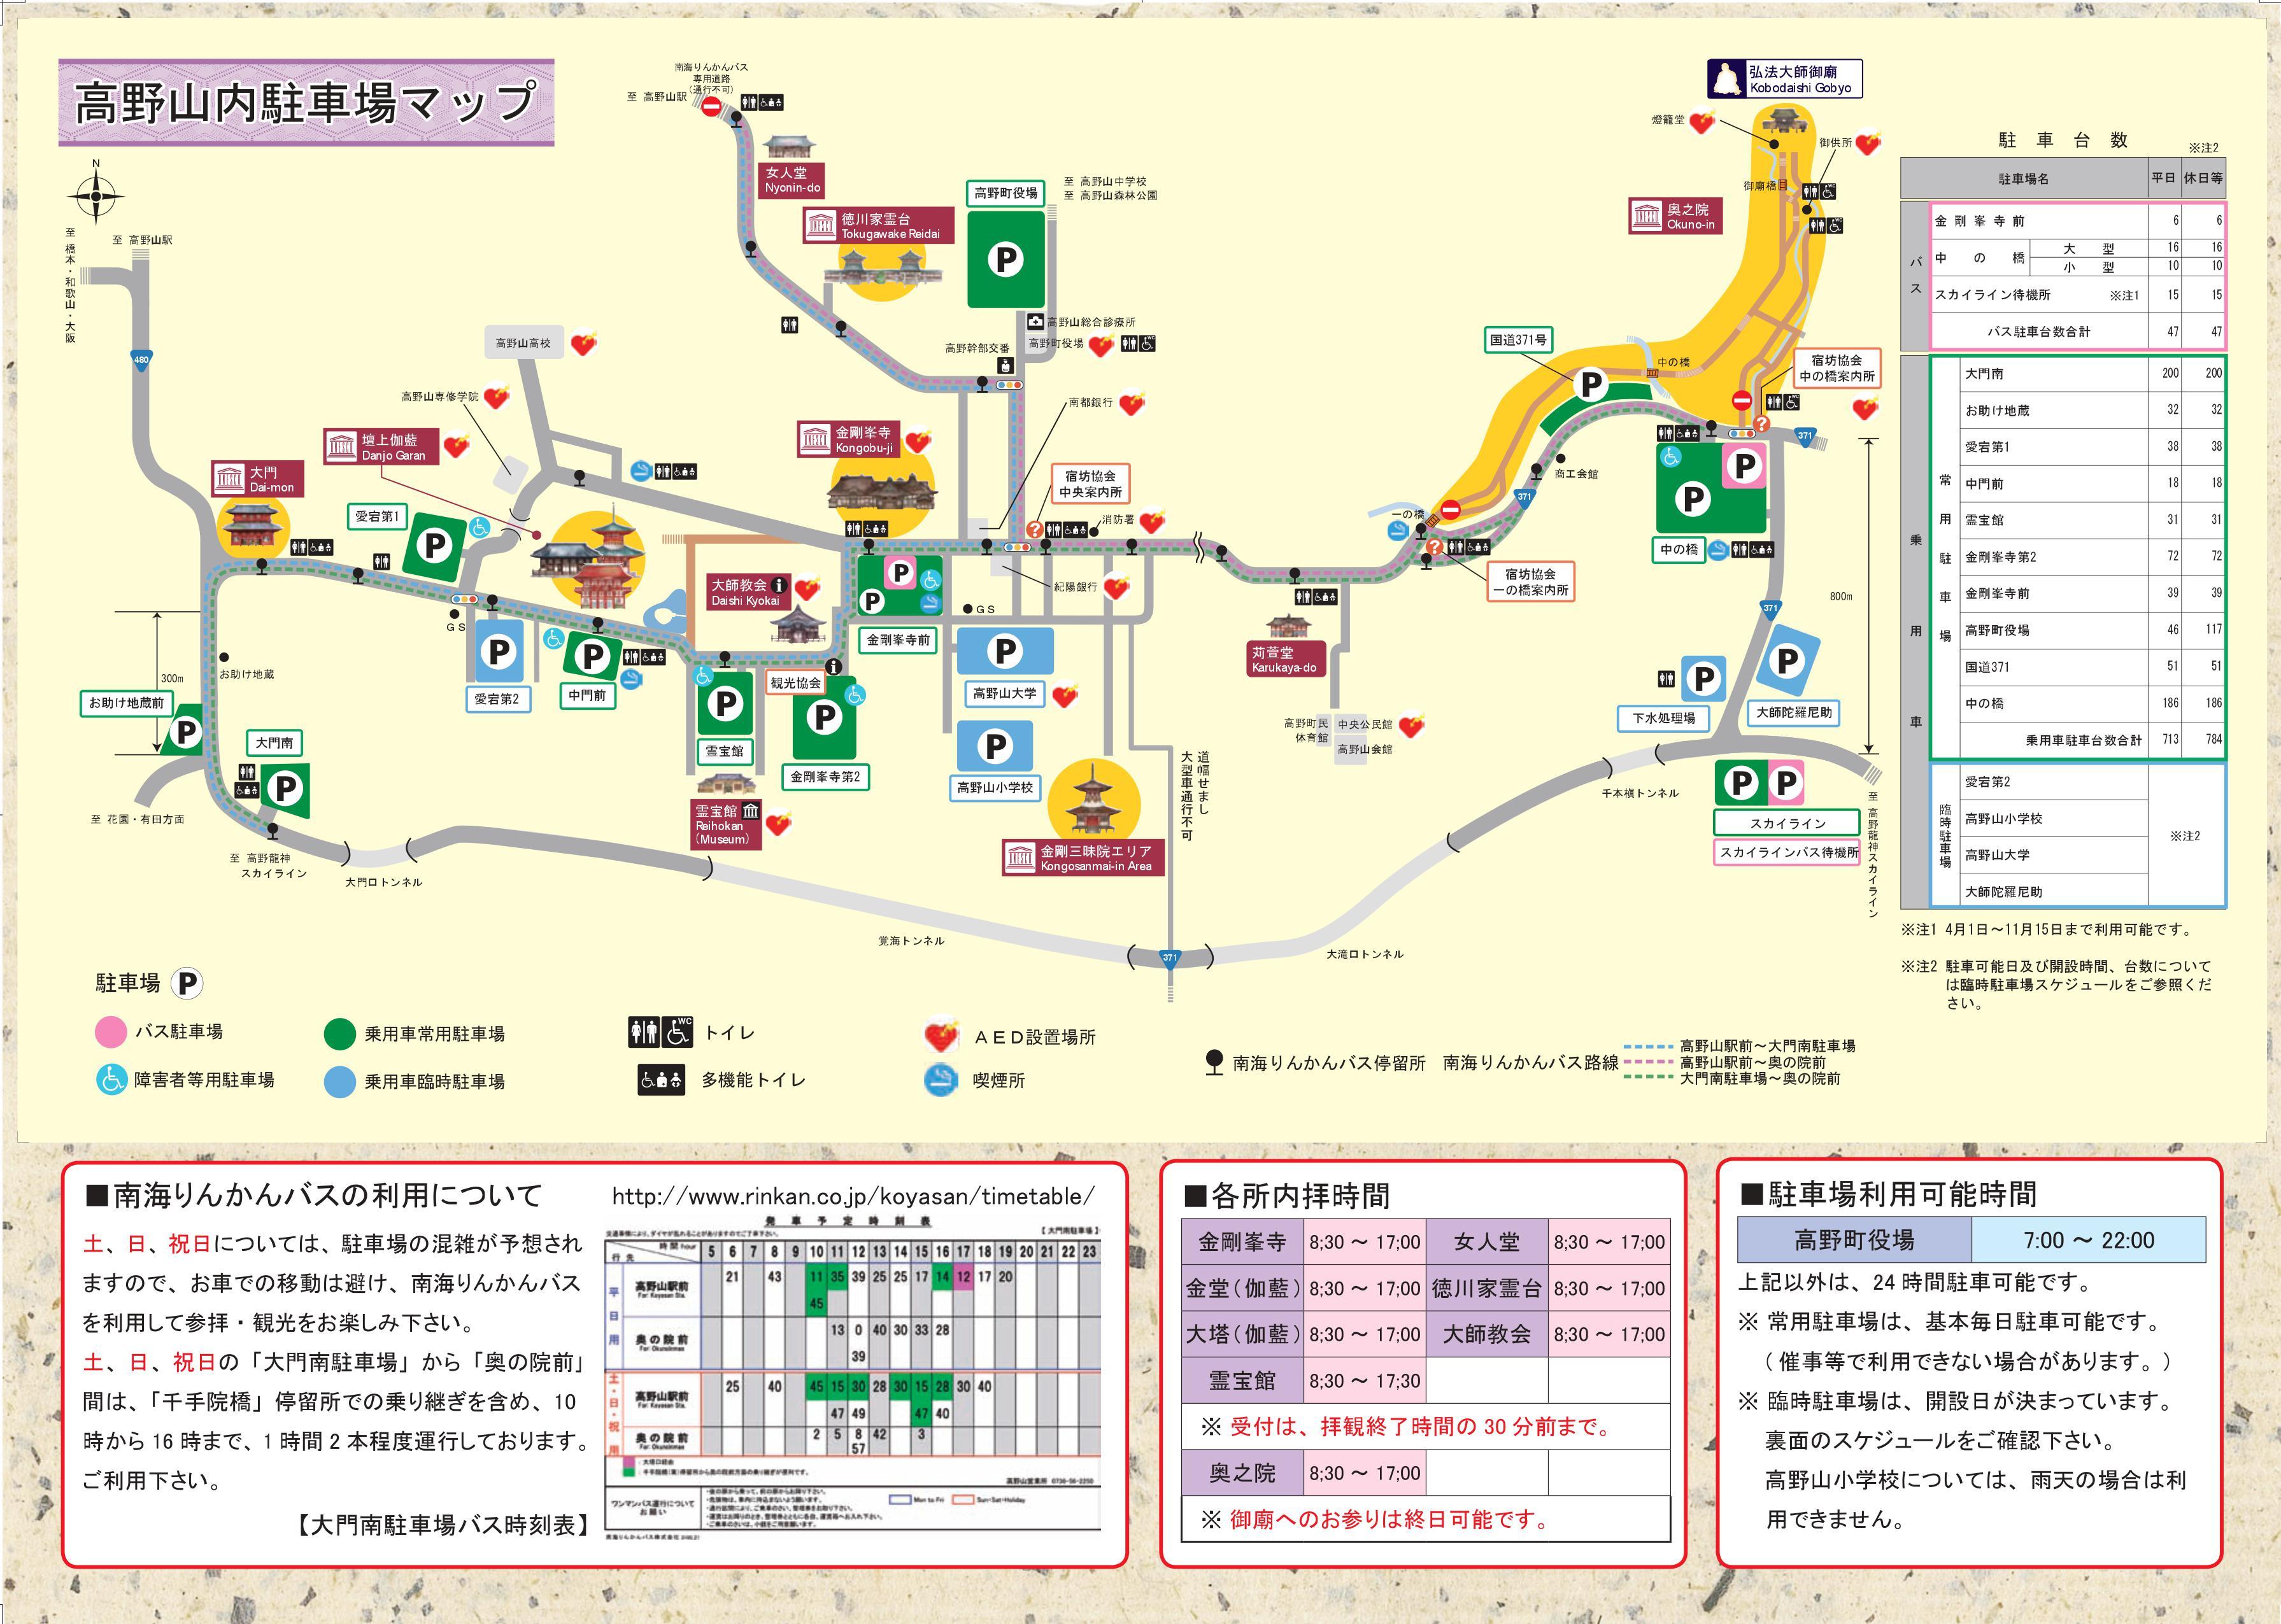 高野山内駐車場マップ